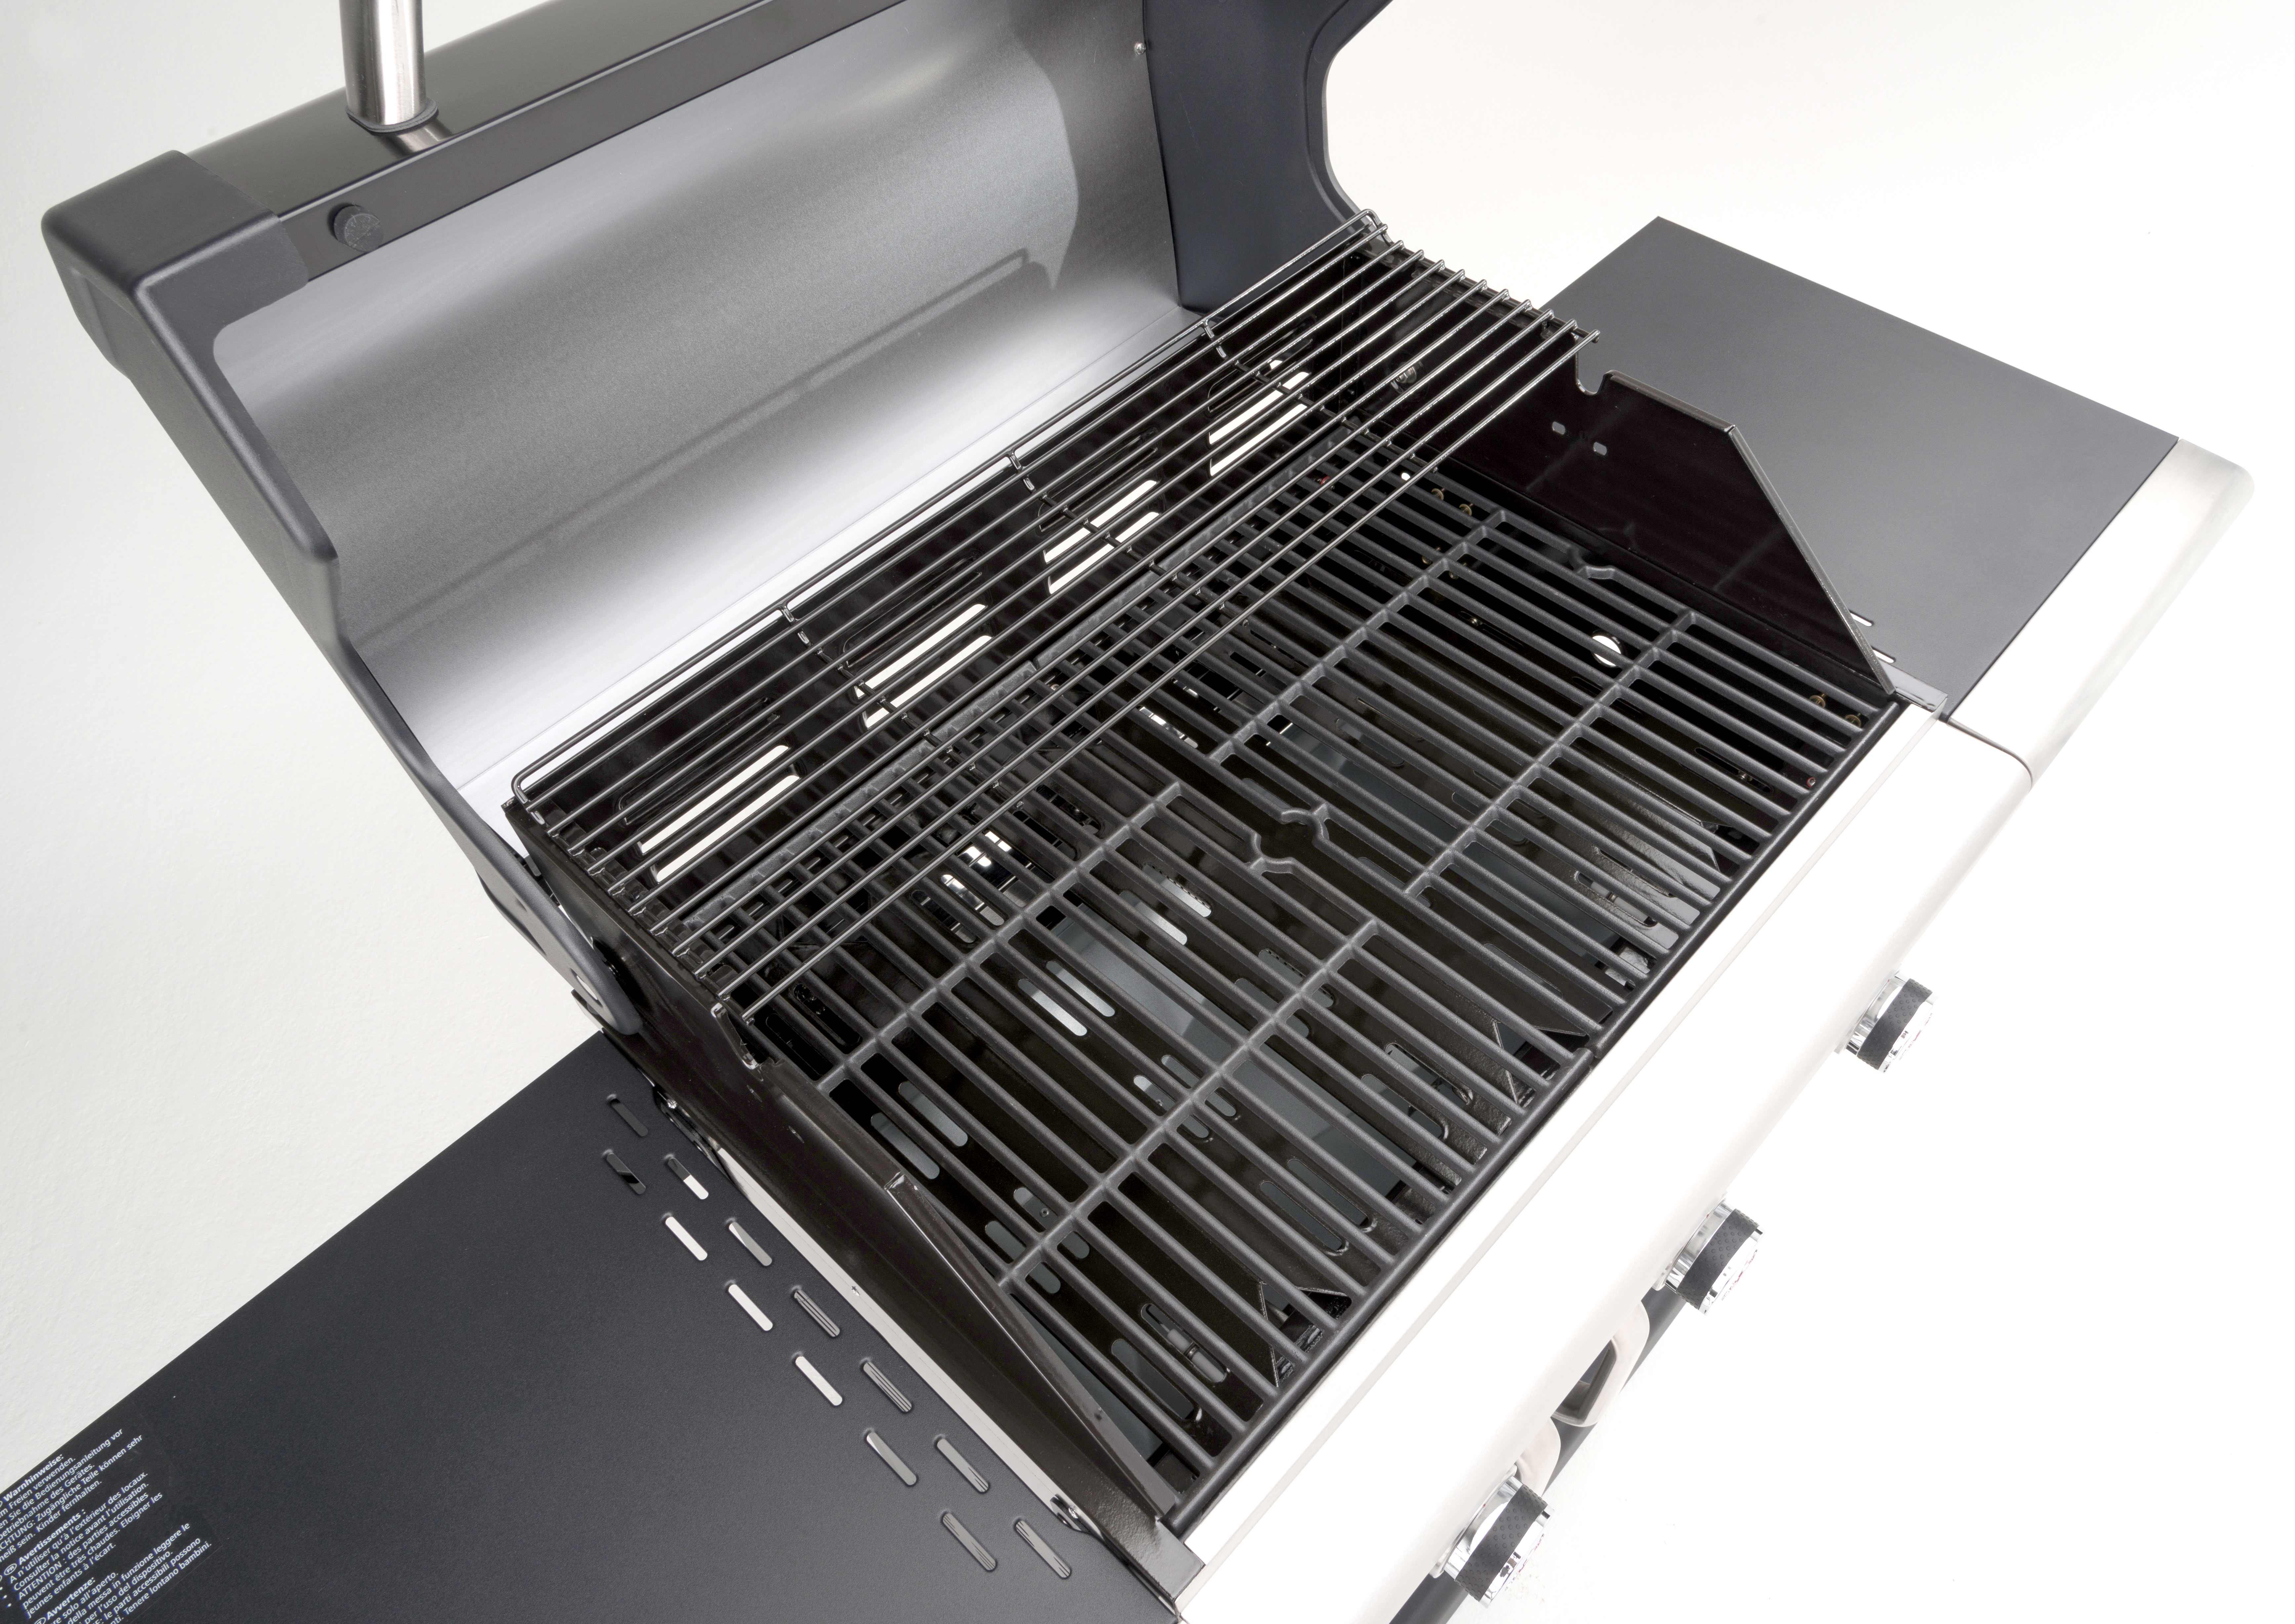 landmann gasgrill grillwagen triton 3 schwarz 65x45cm 12932 bei. Black Bedroom Furniture Sets. Home Design Ideas